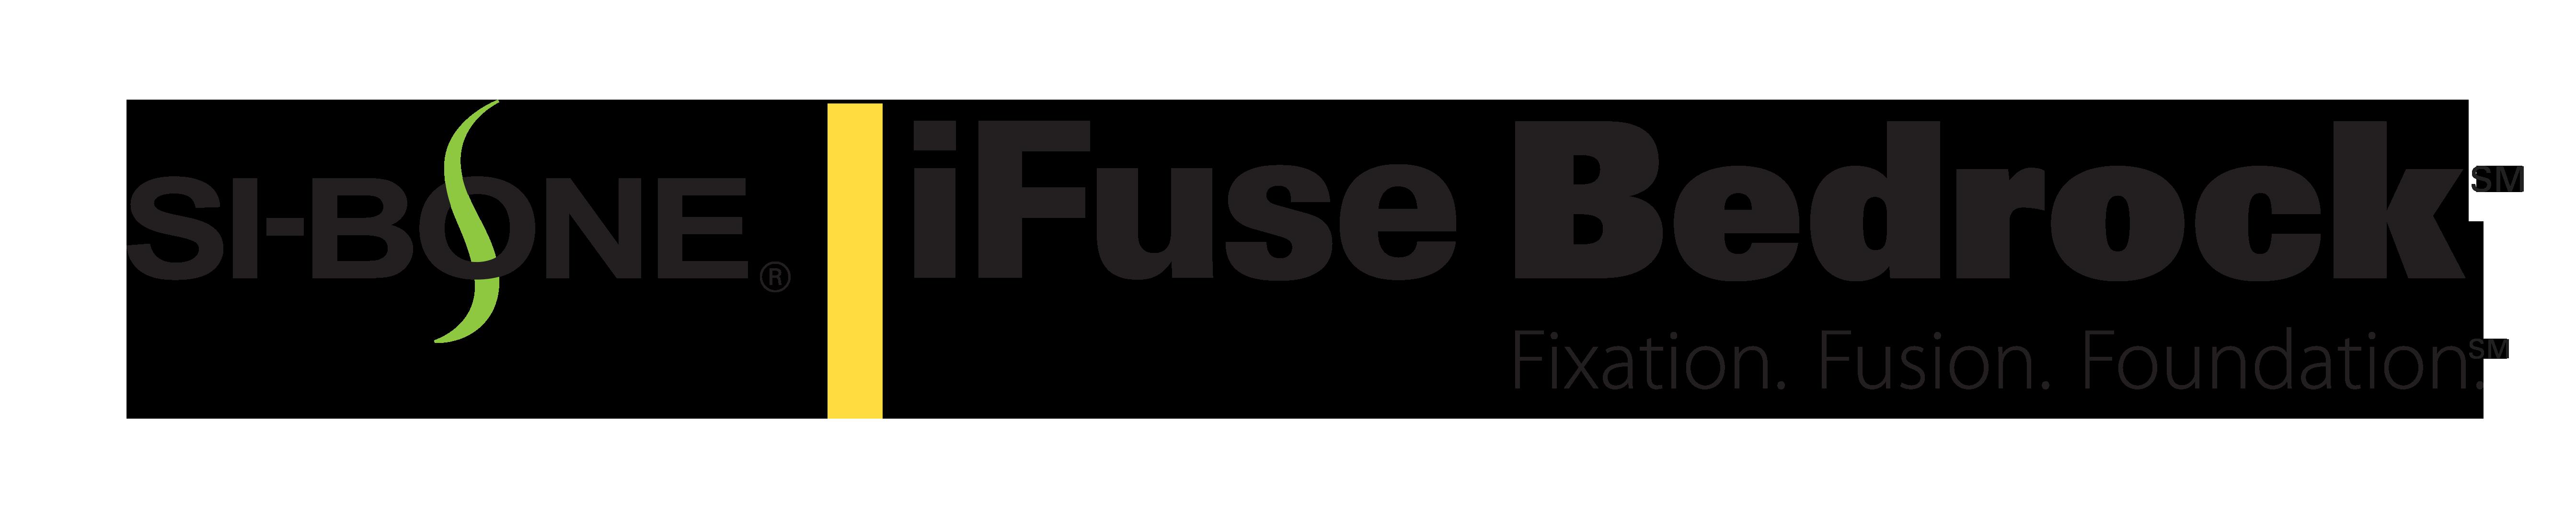 iFuse Bedrock logo w tagline